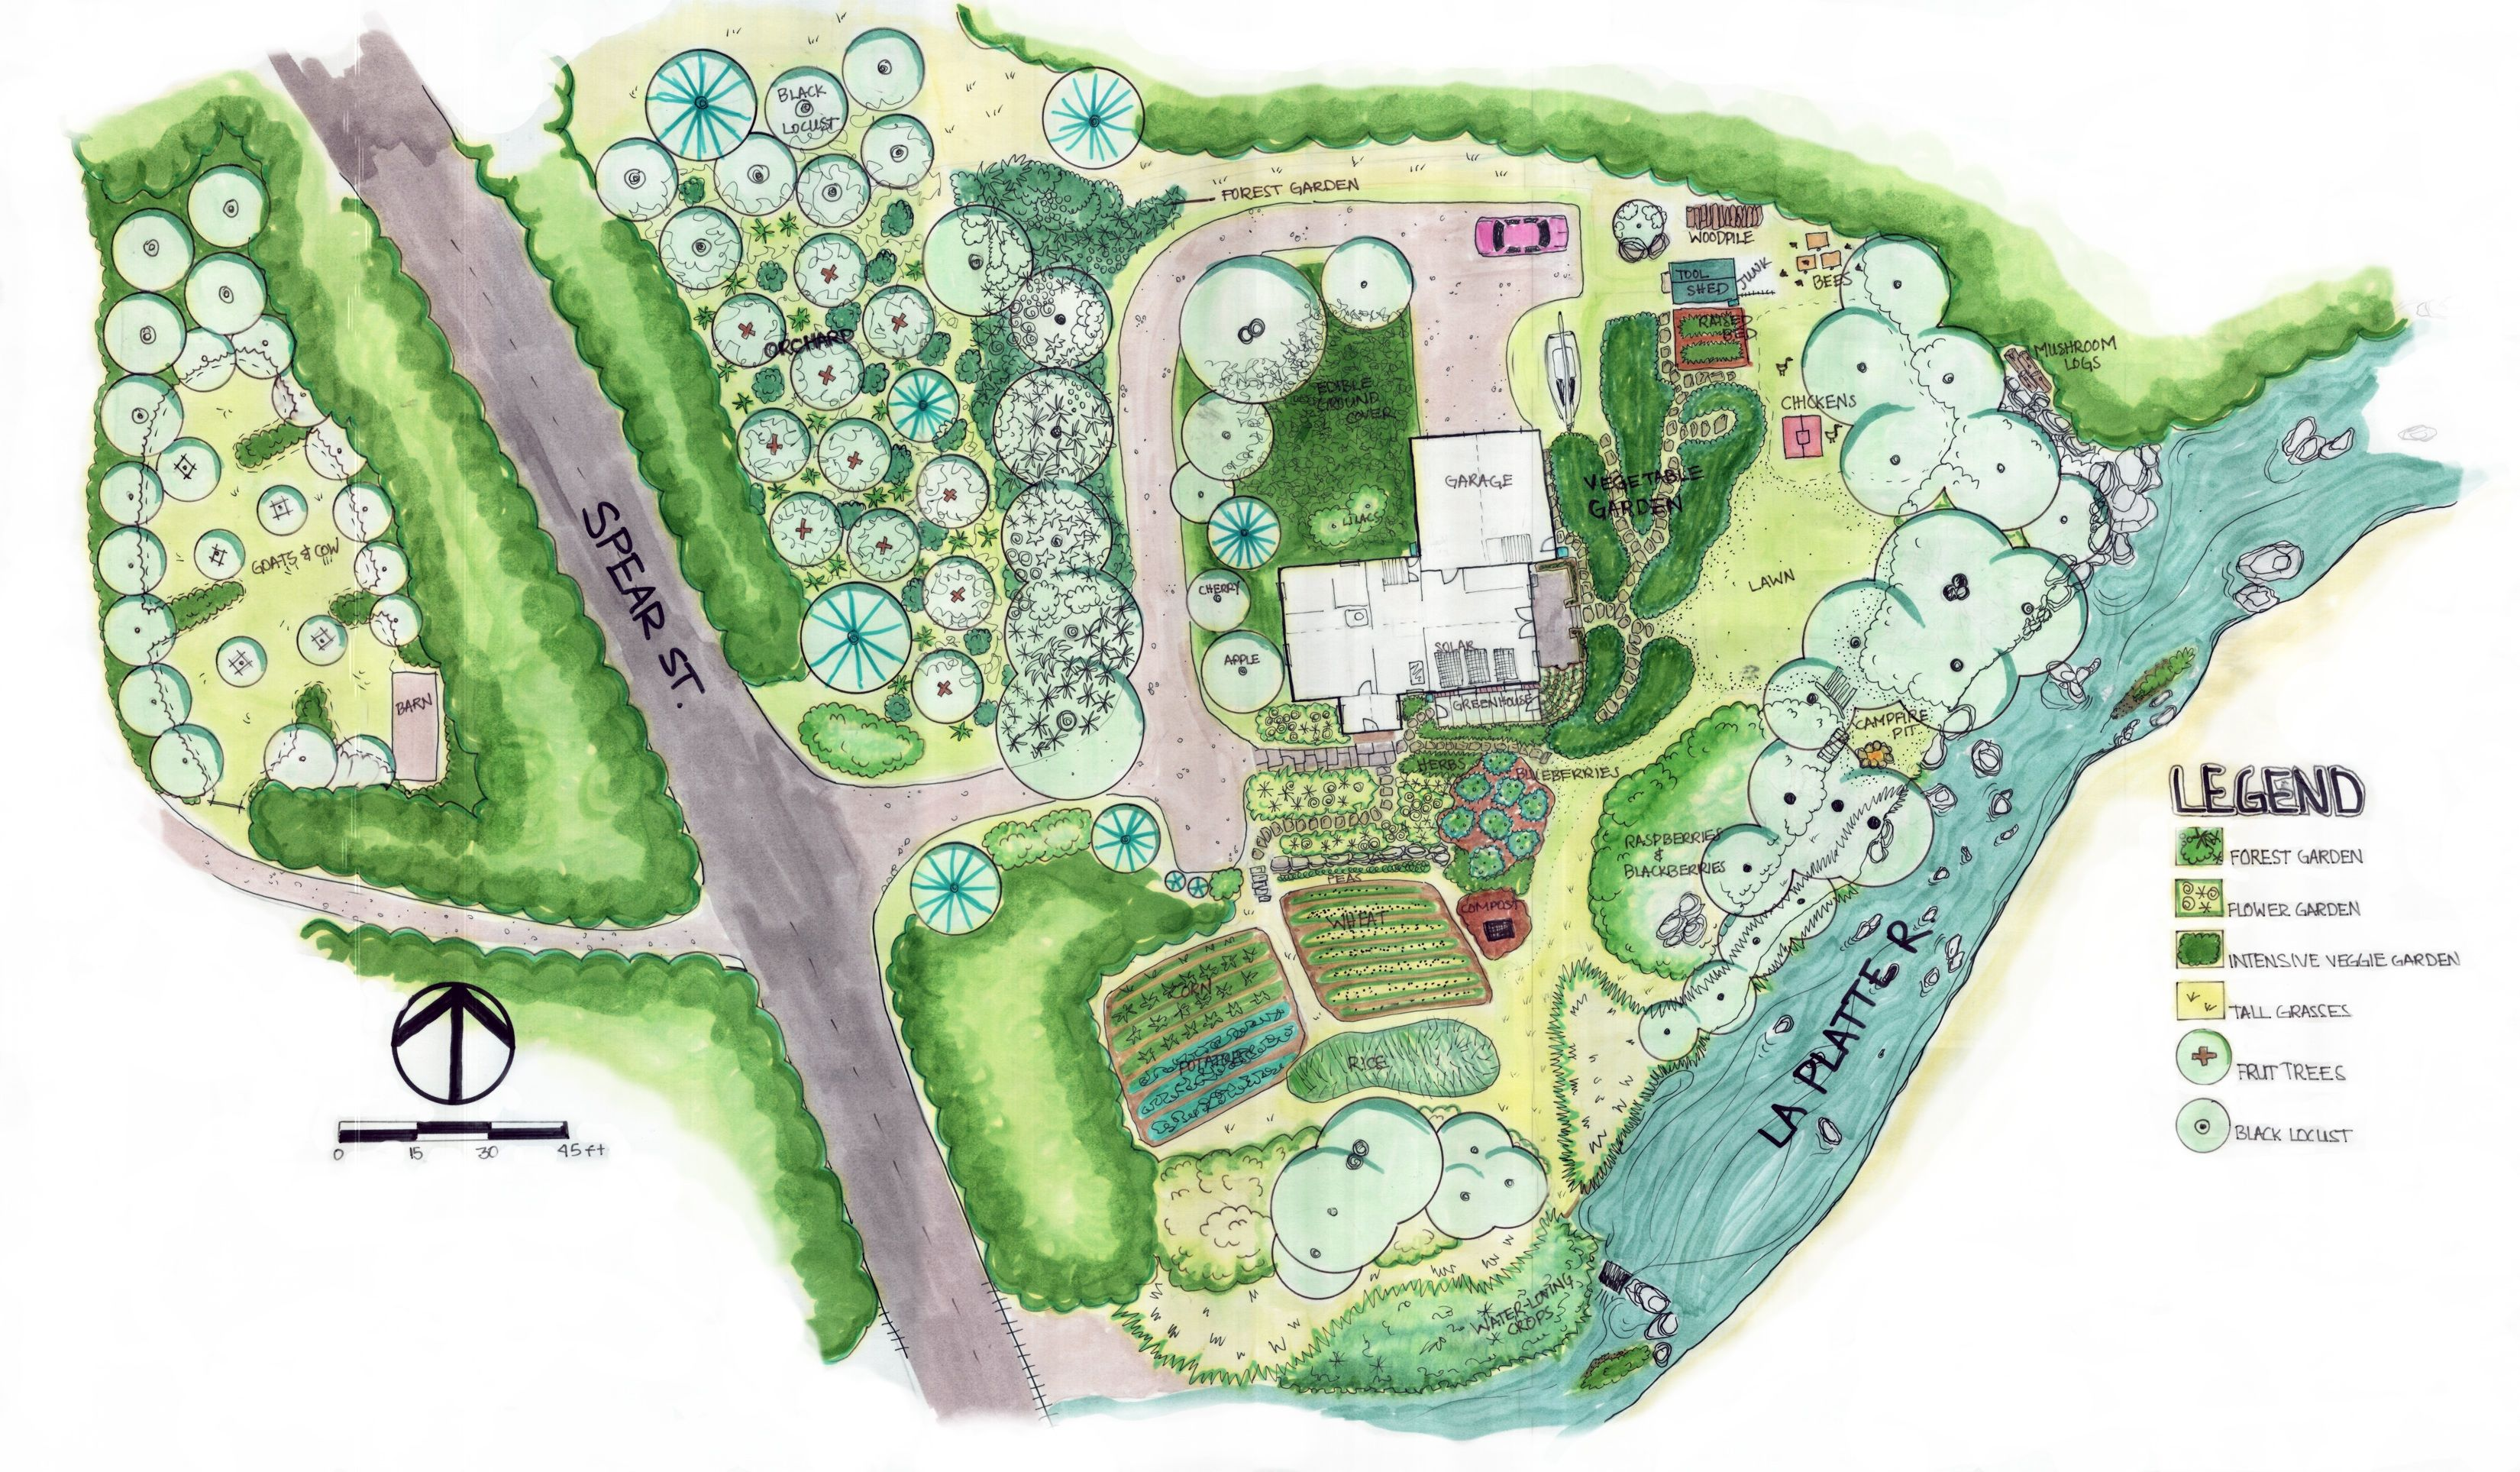 permaculture design idea (avec images) | Permaculture